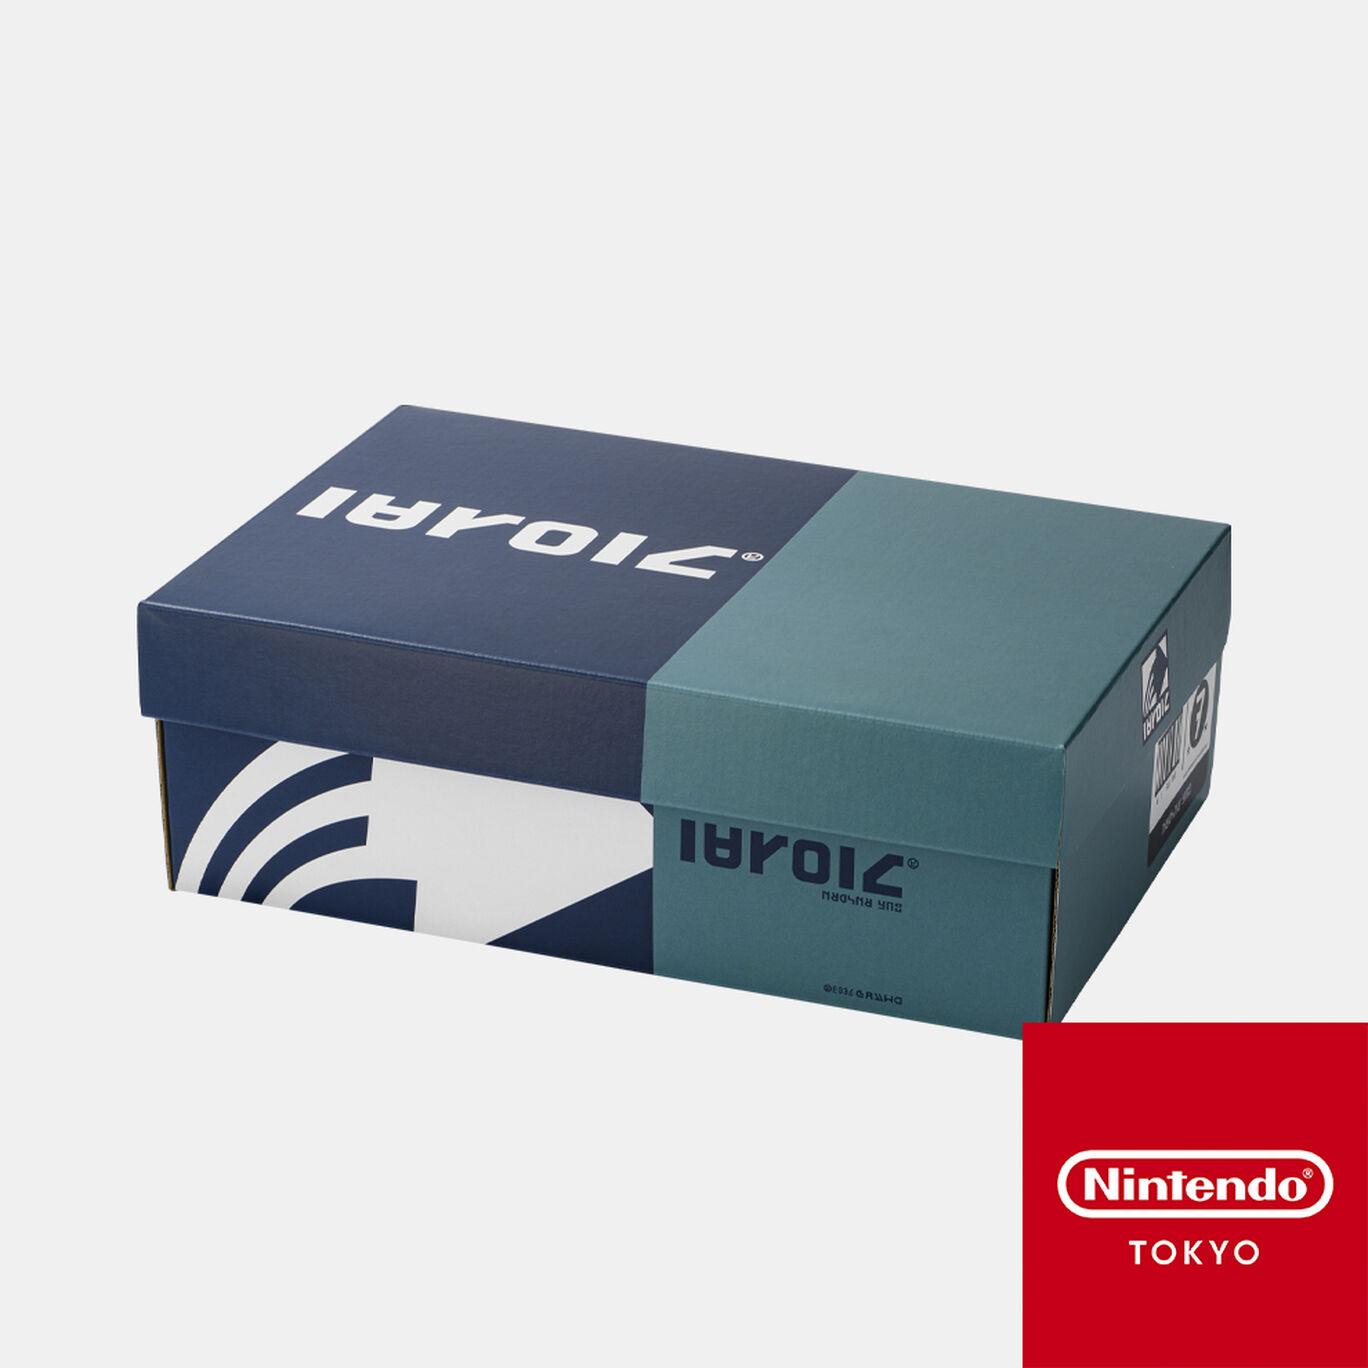 シューズボックス風収納BOX B INK YOU UP【Nintendo TOKYO取り扱い商品】